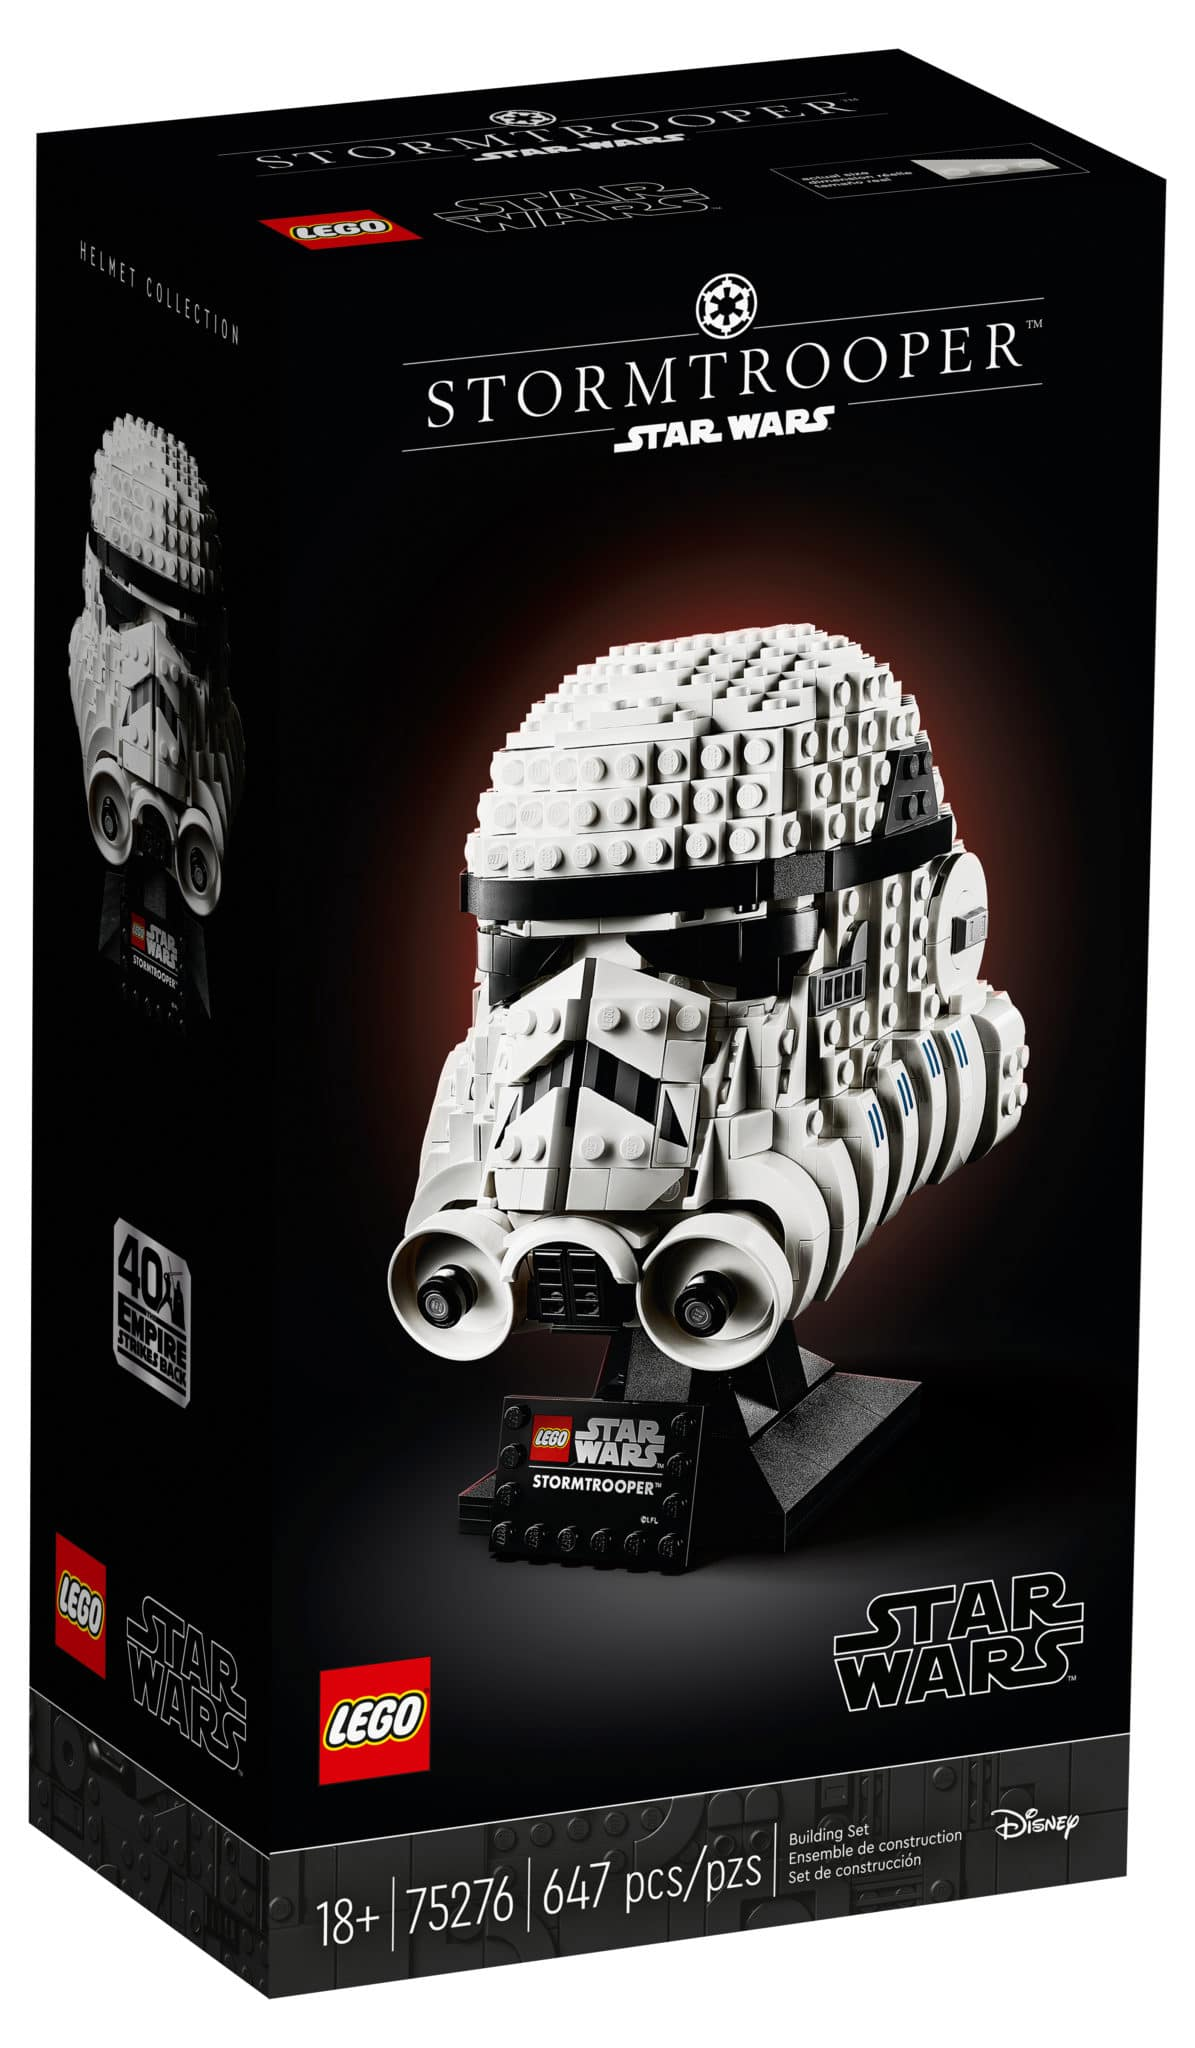 LEGO Star Wars 75276 Stormtrooper Helm Box von vorne